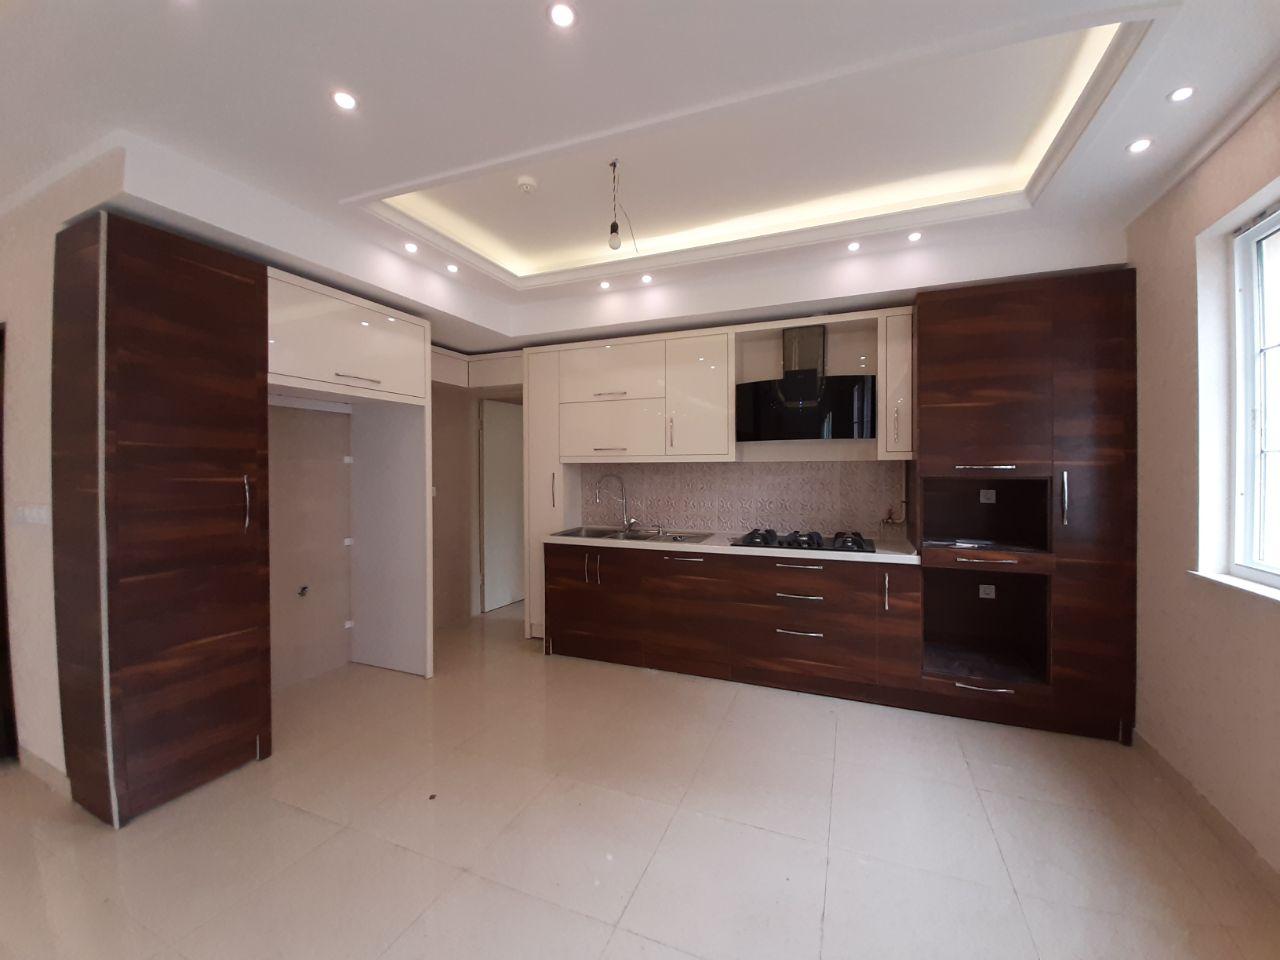 فروش آپارتمان 147 متری ، سه خواب ، تک واحدی ، نوساز در رشت بلوار معلم